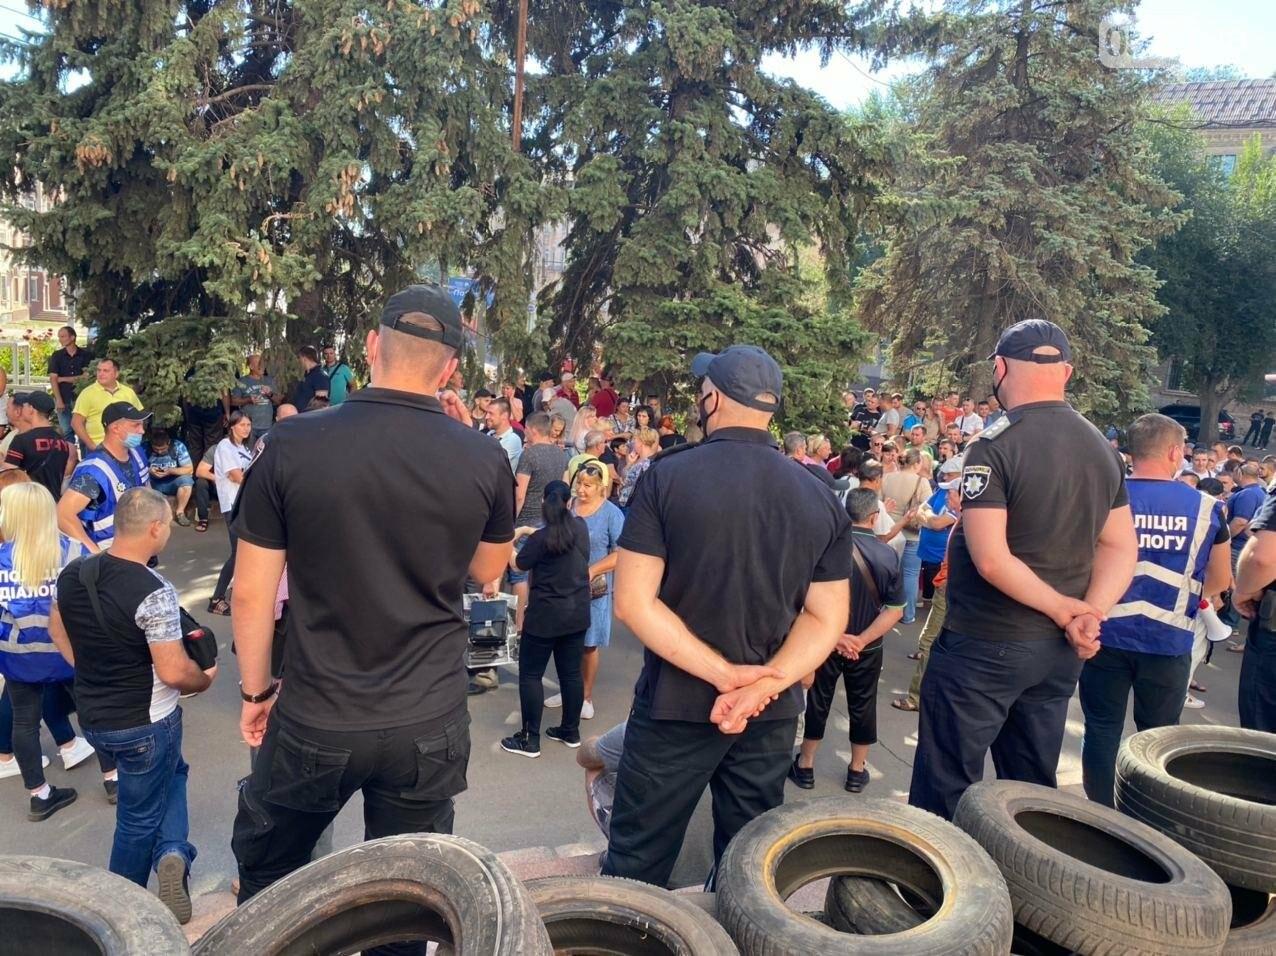 Отмолчаться не получится: у входа в админздание КЖРК проходит массовый митинг, на ступеньках сложены шины,  - ФОТО, ВИДЕО, фото-22